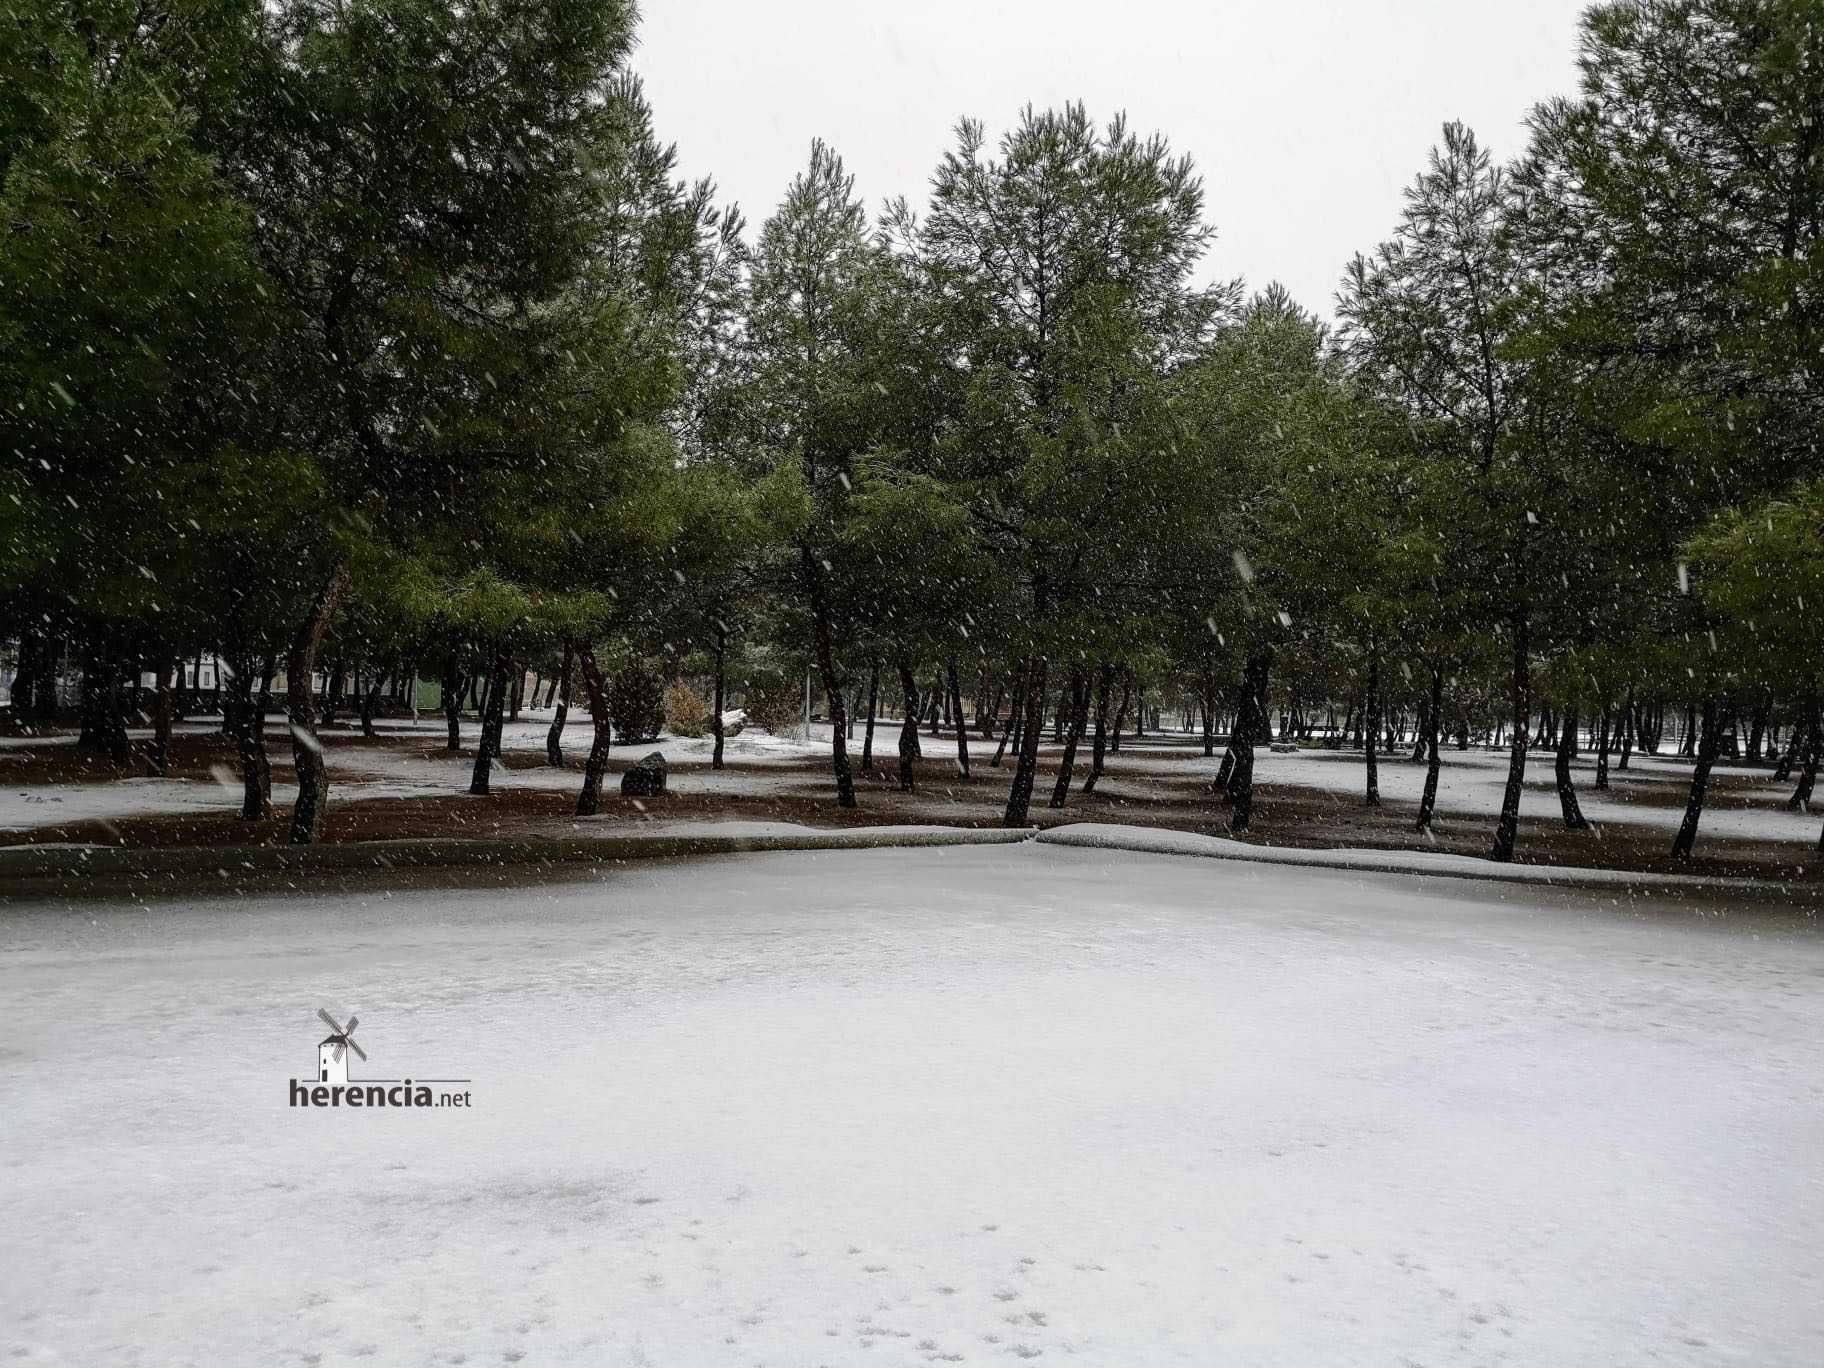 Las nevadas llegan Herencia y a toda Castilla-La Mancha 18